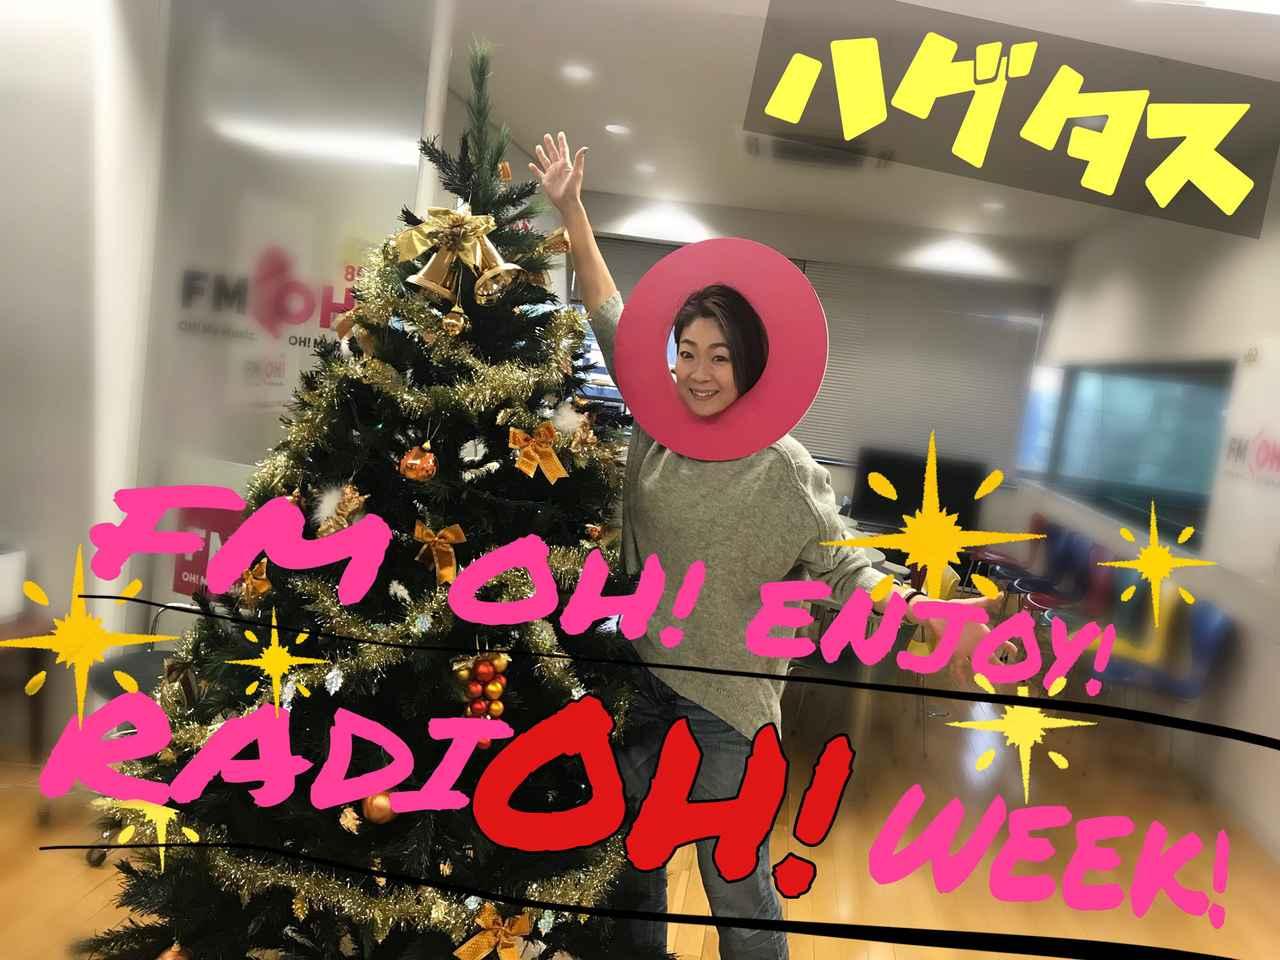 画像: 『FM OH! ENJOY! RADIOH! WEEK』のはぐたす!!